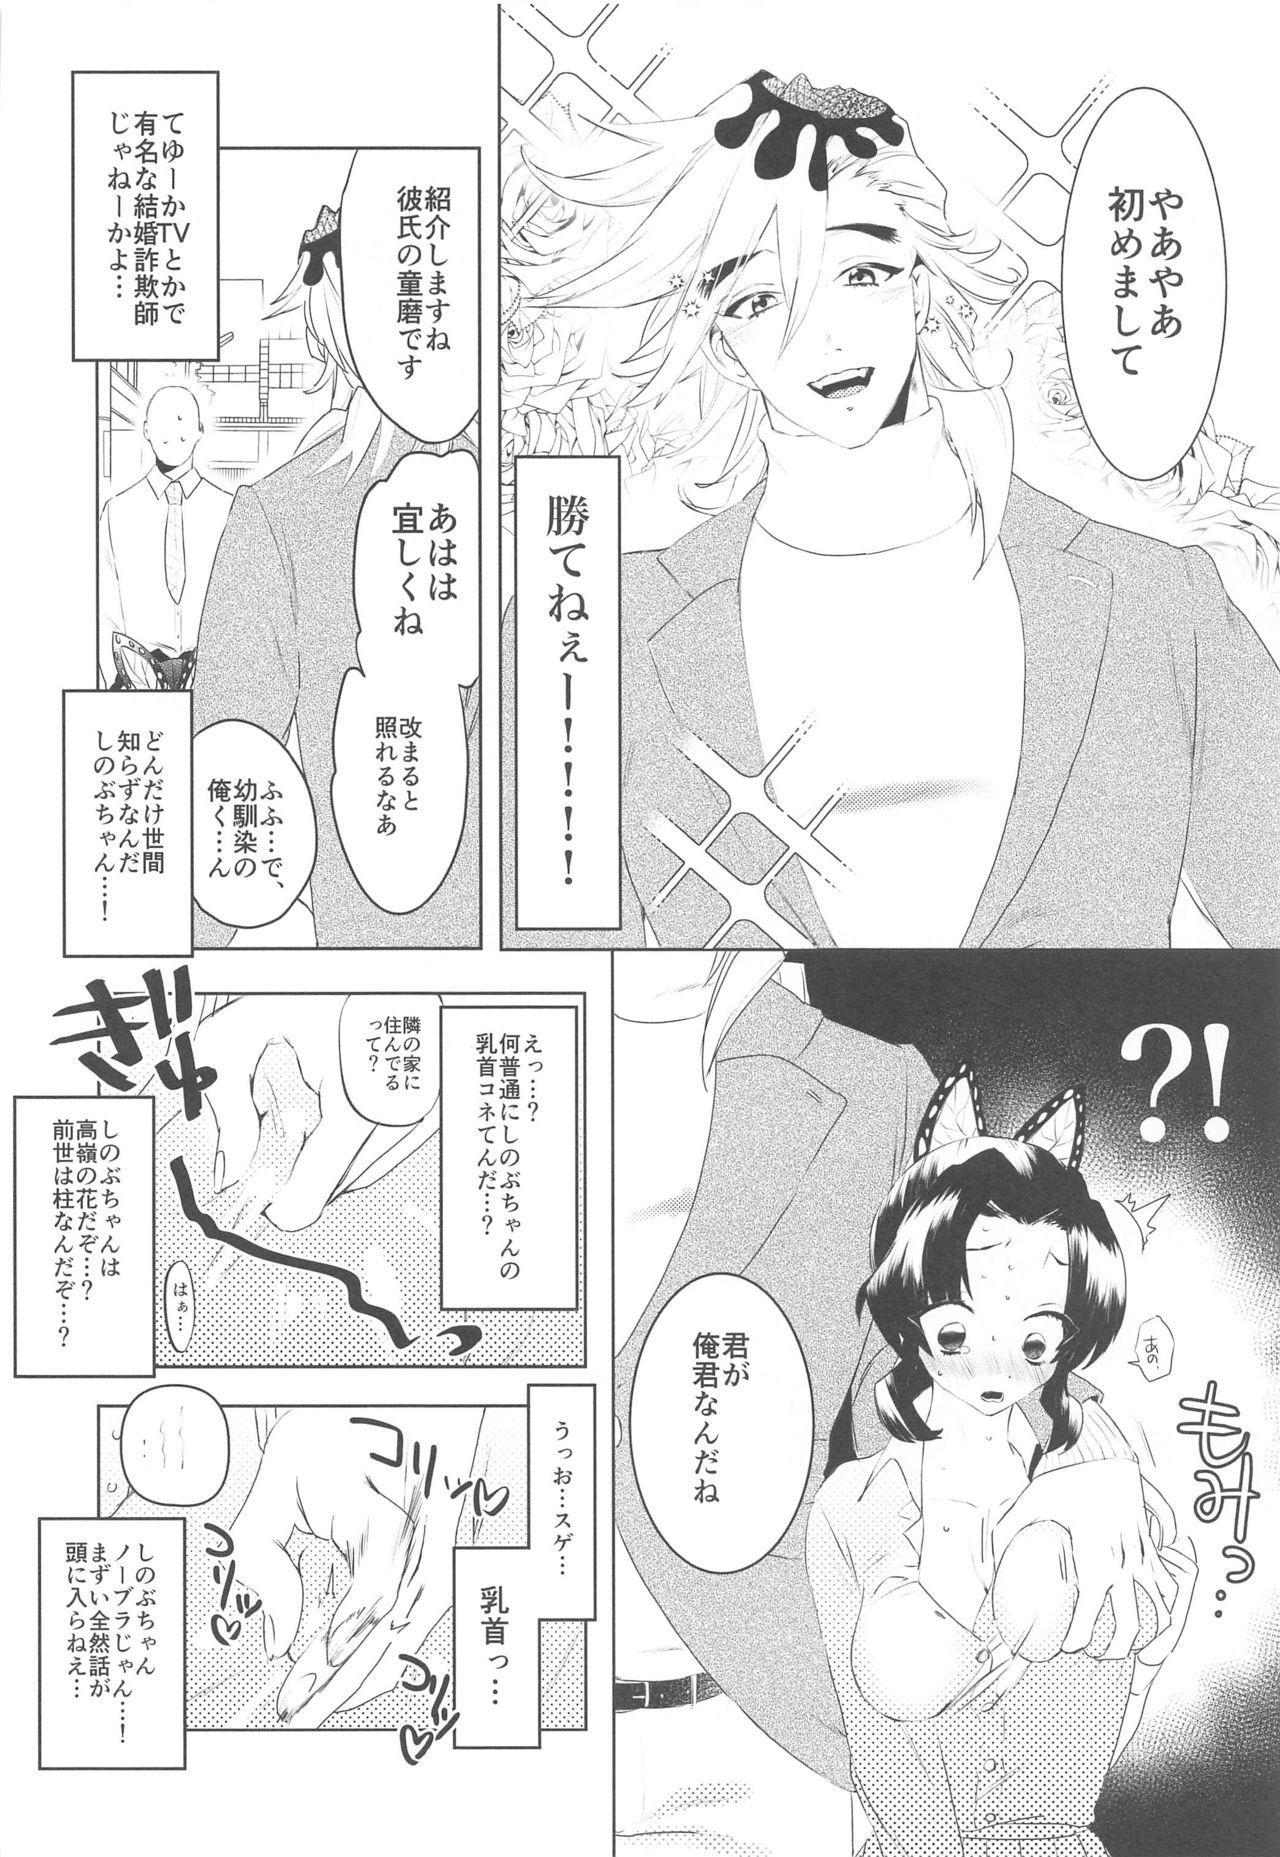 Watashi, Kono Hito ni Otosaremashita. 6